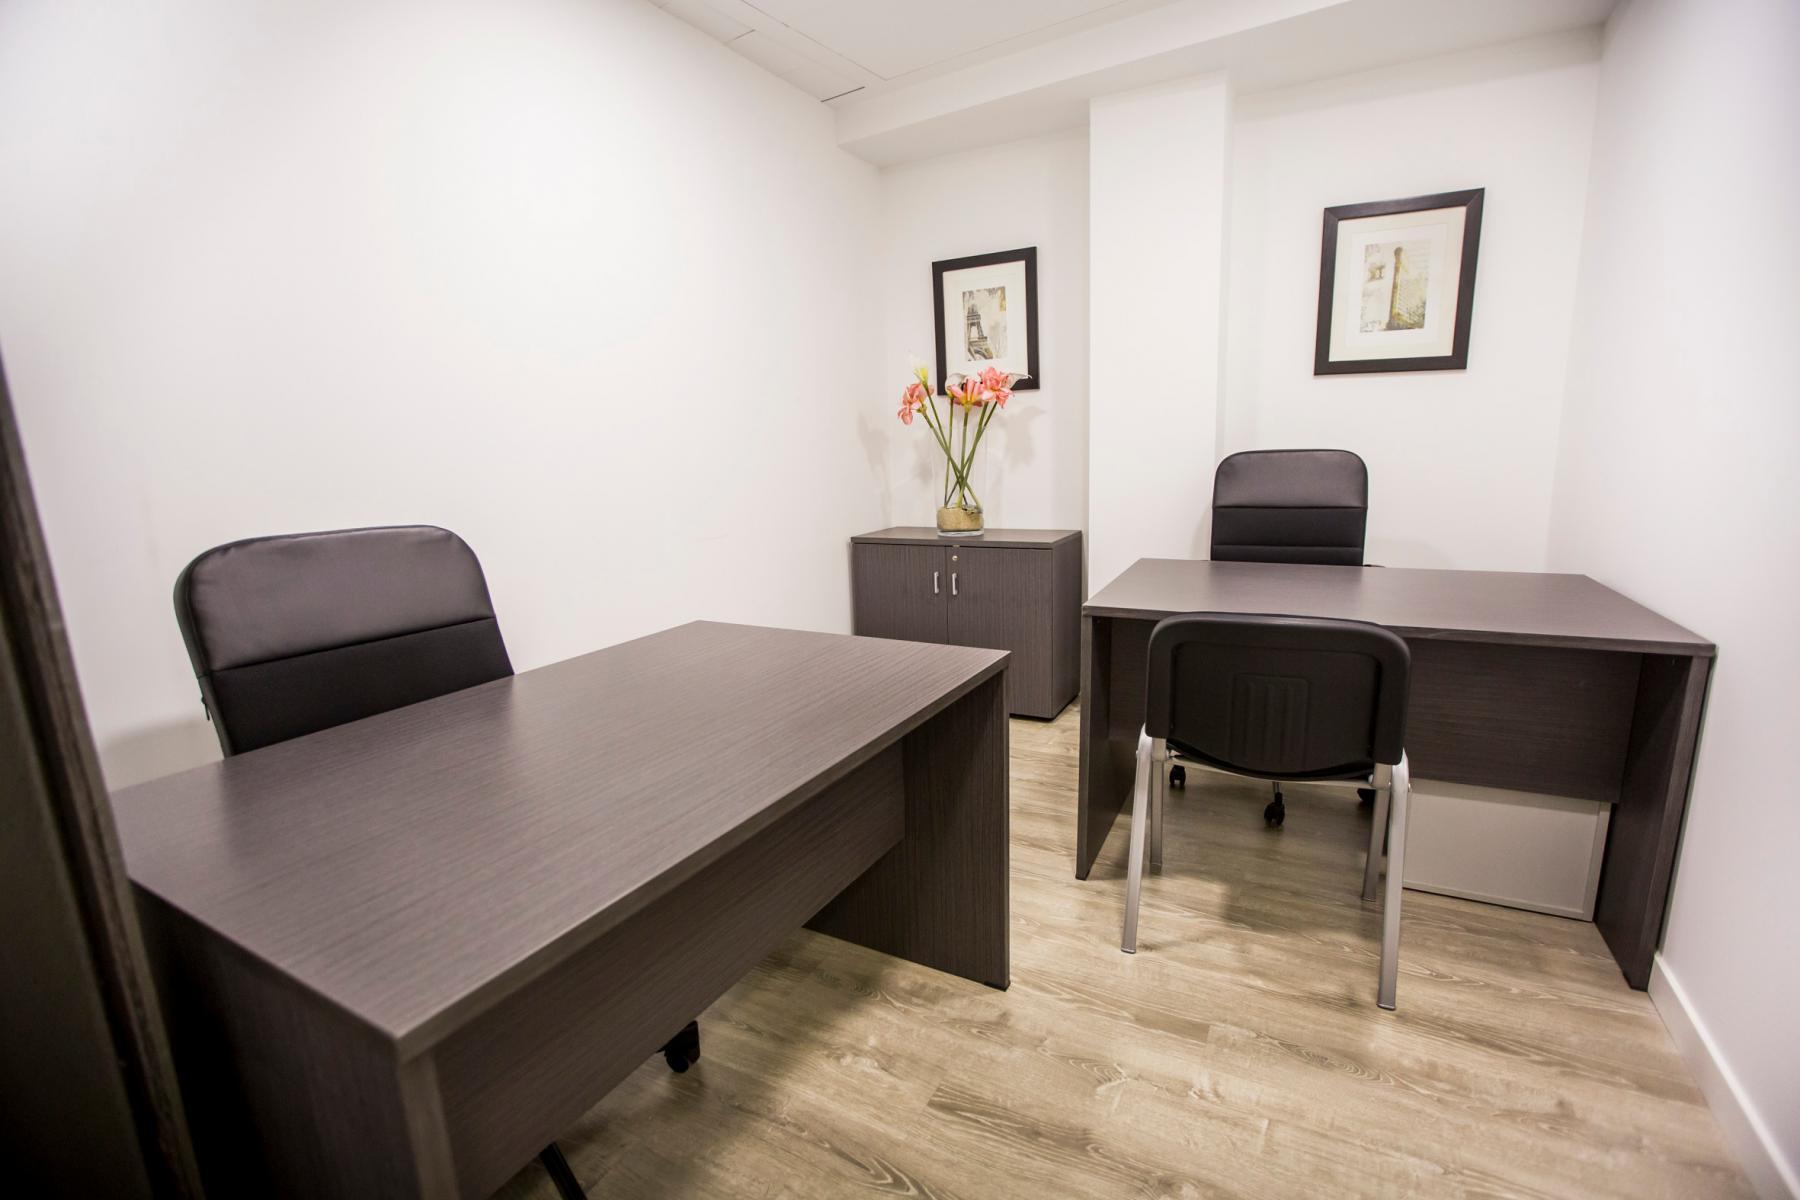 Alquilar oficinas Plaza de José Moreno Villa 2, Madrid (8)